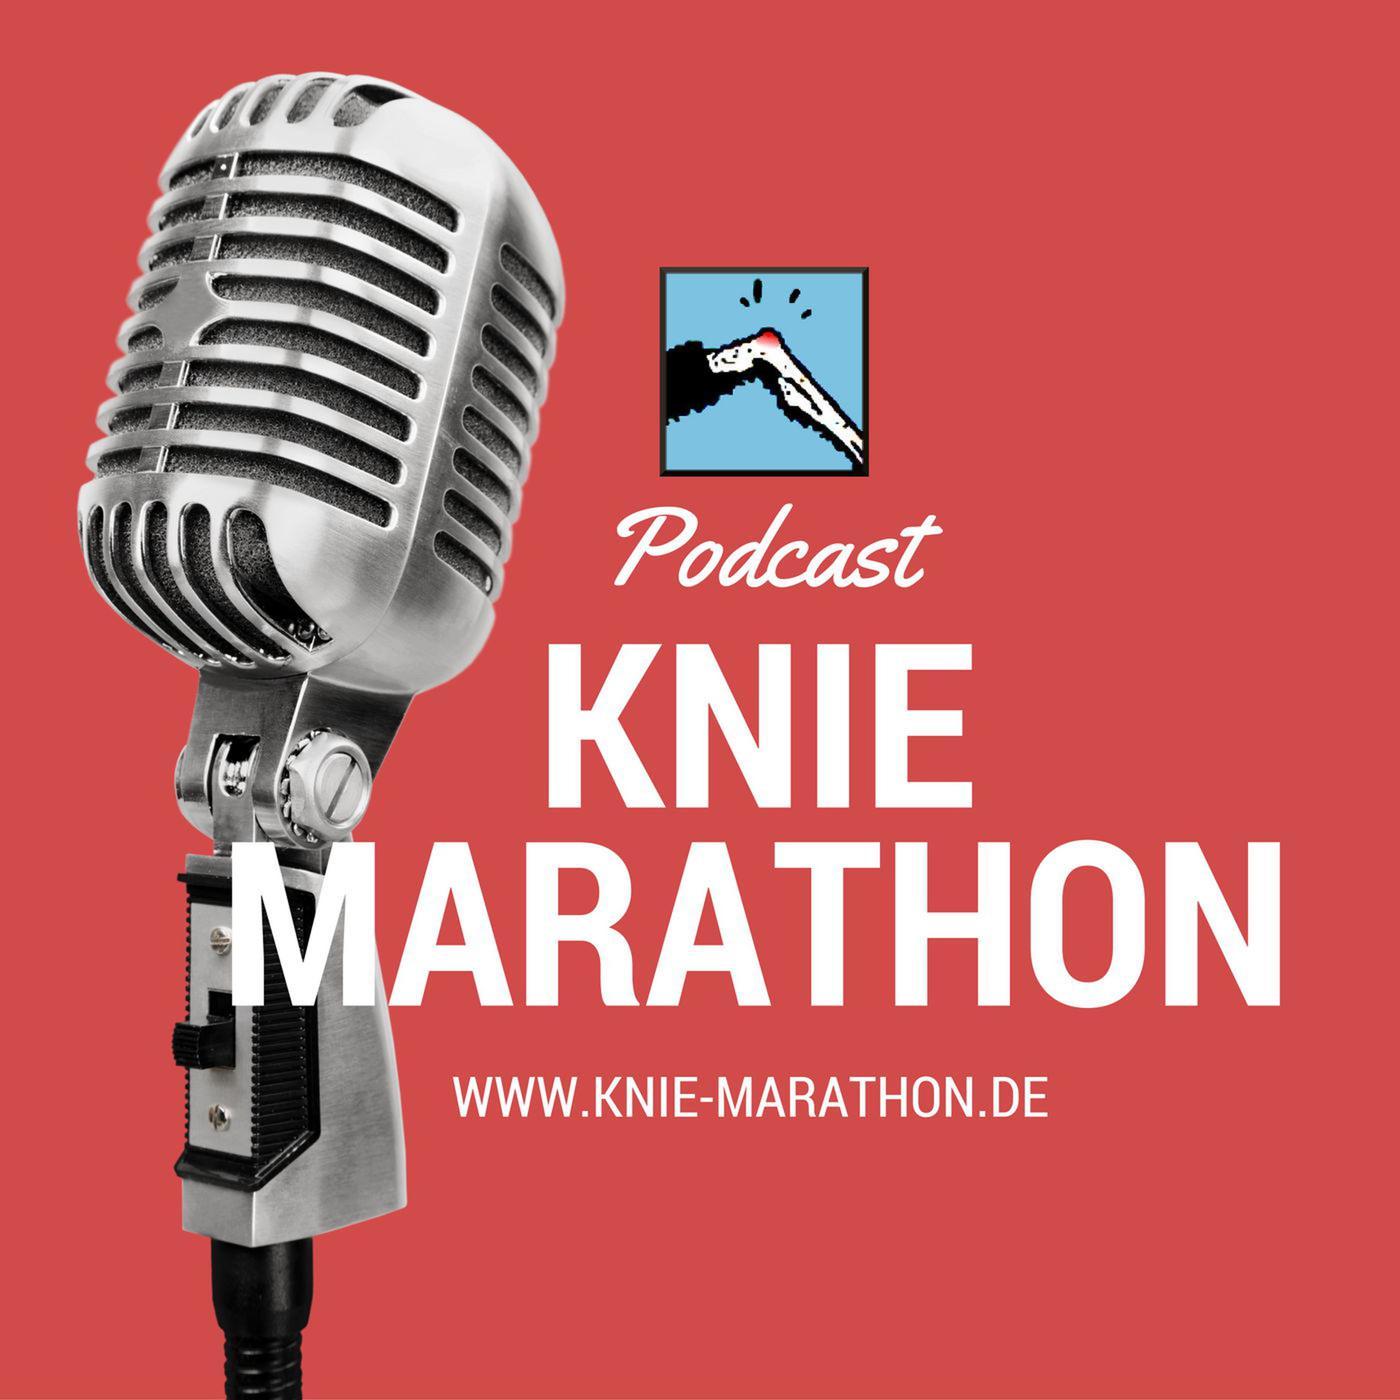 Knie Marathon Podcast - Katrin Glunk | Dipl  Psychologin